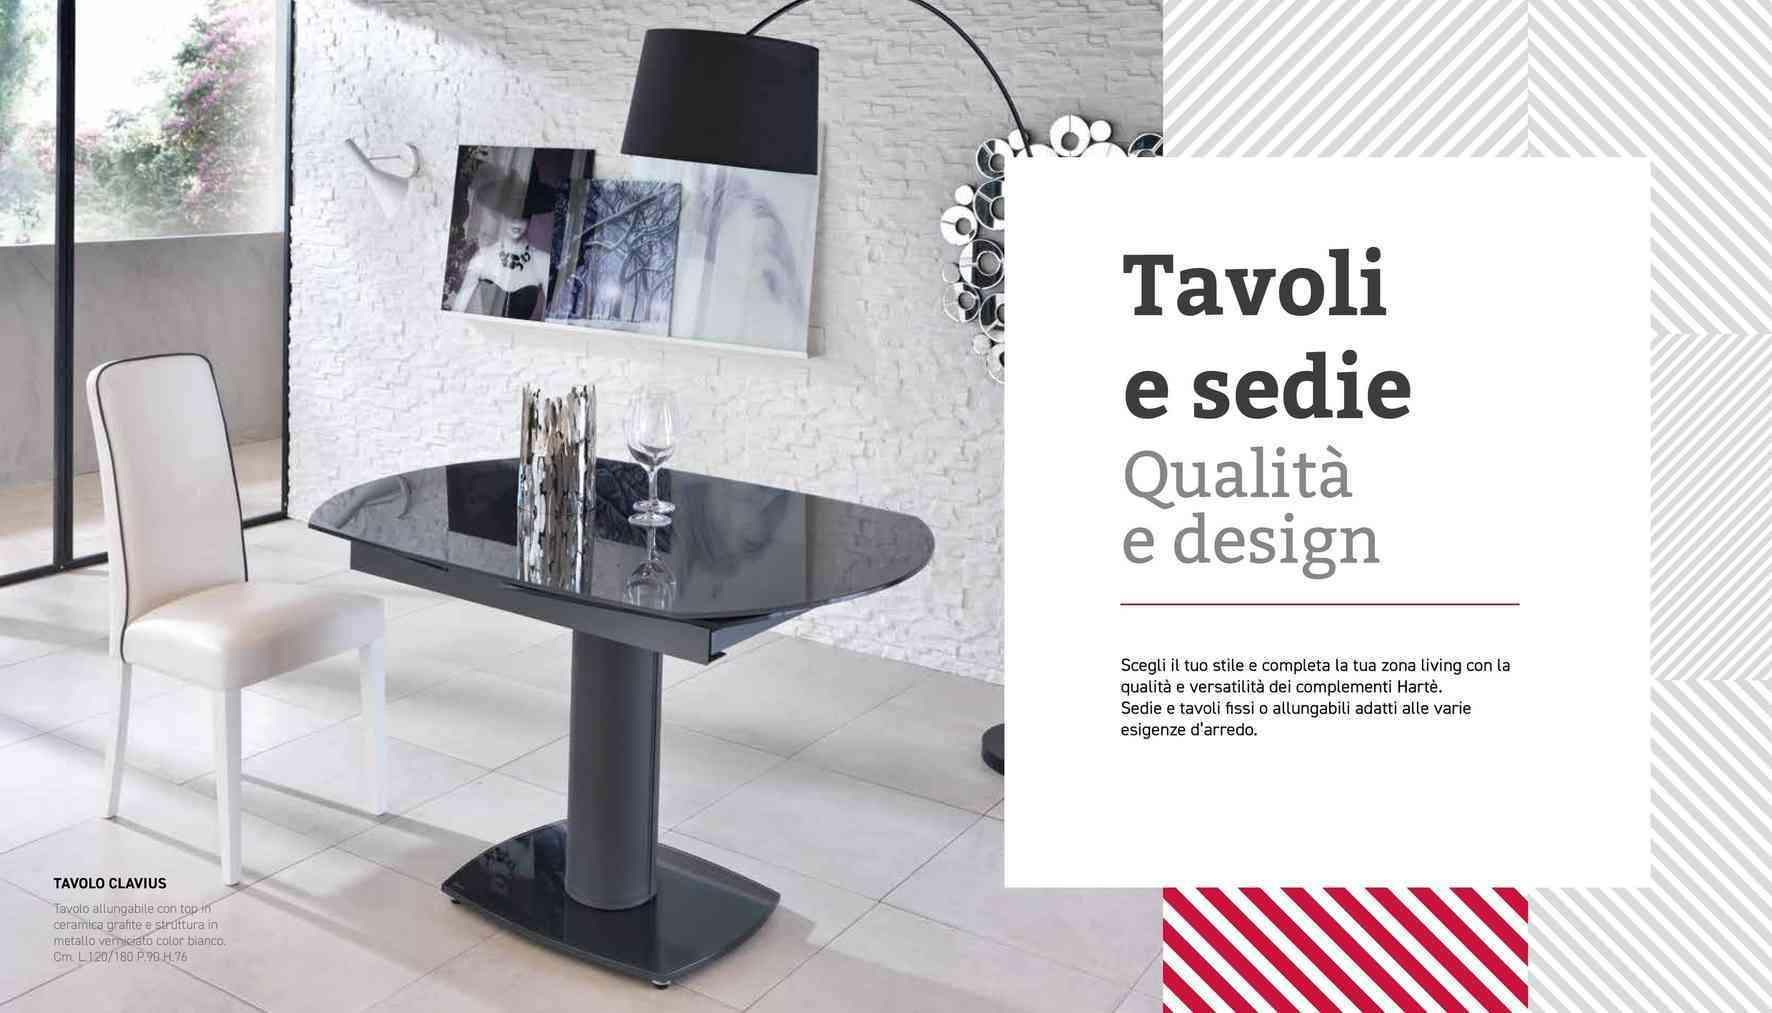 Tavoli Cristallo Allungabili Chateau D Ax.Offerte Tavoli Allungabili Negozi Per Arredare Casa Promoqui